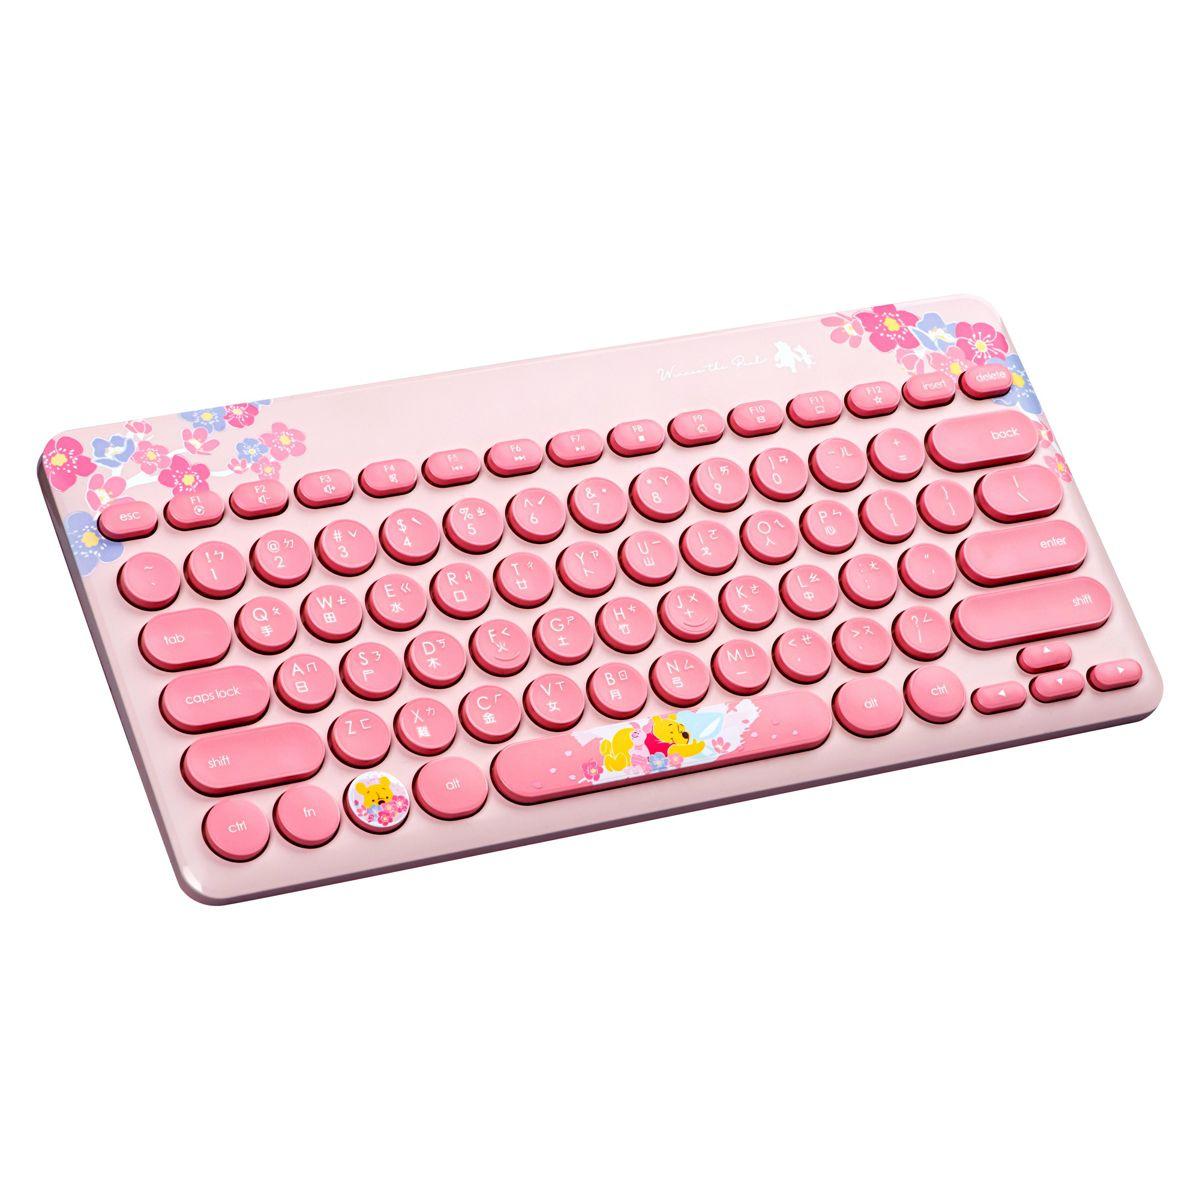 小熊維尼系列 粉萌無線鍵盤